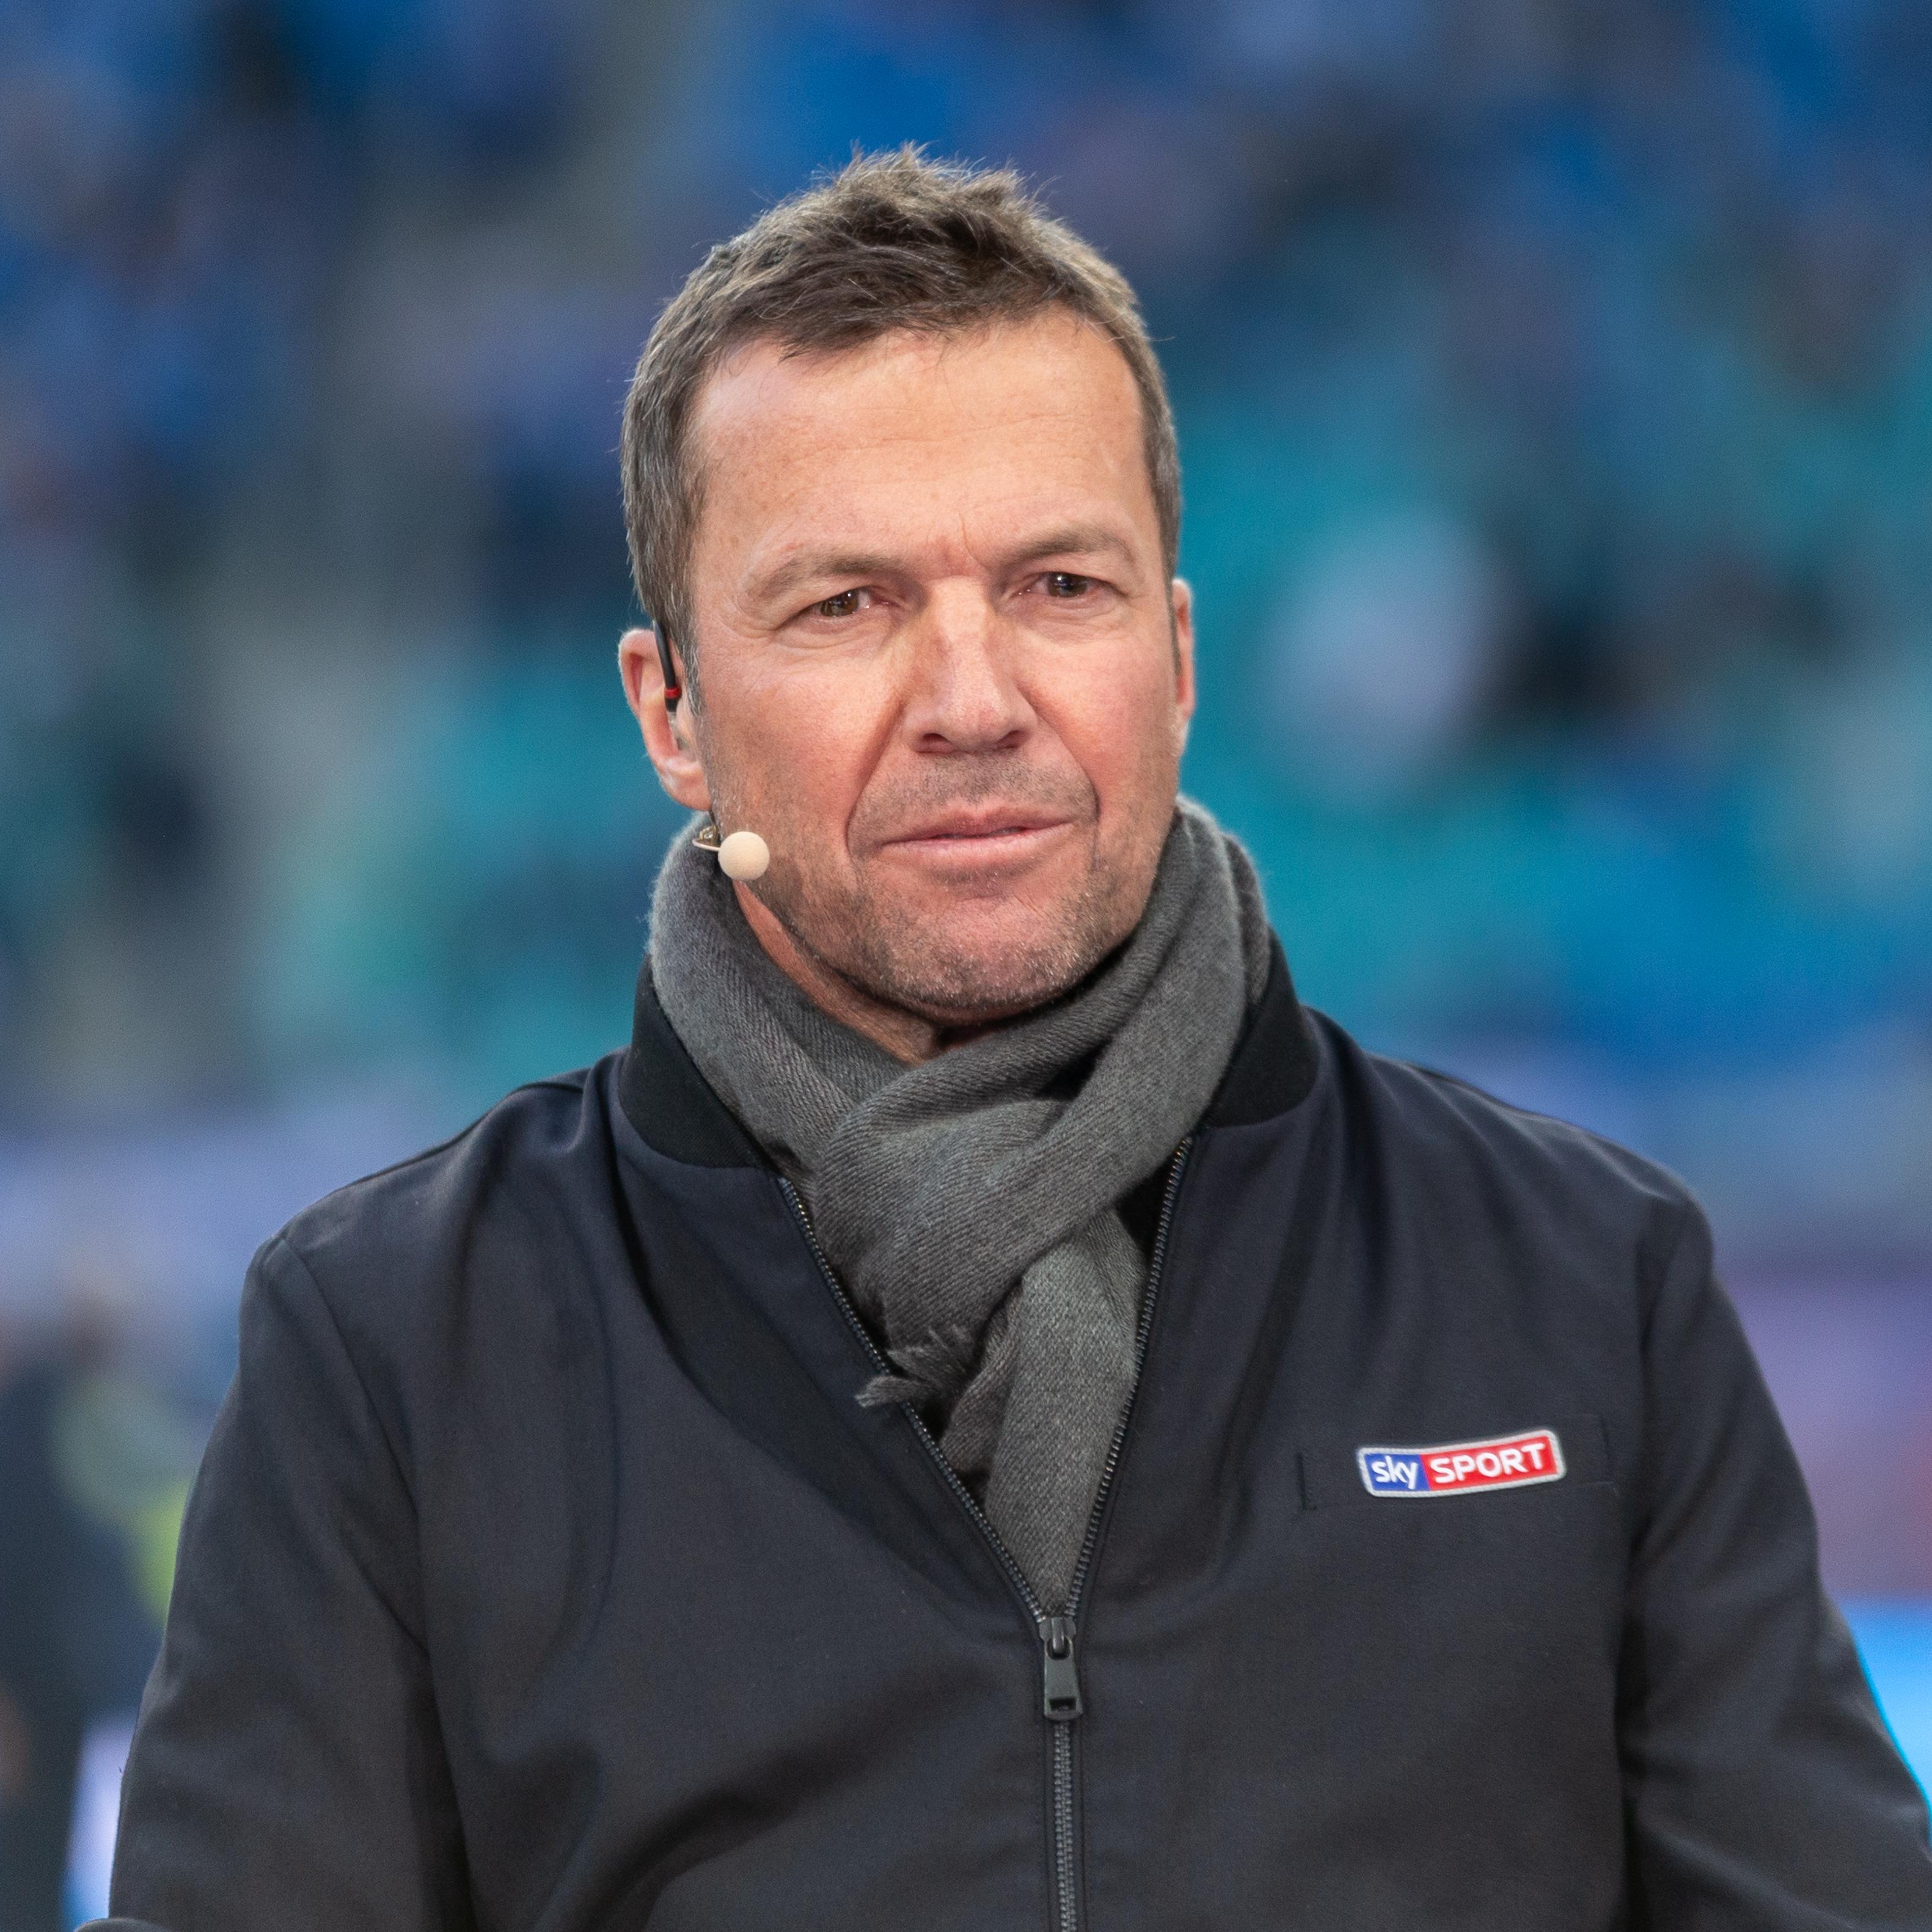 Lothar Matthaus Wikipedia